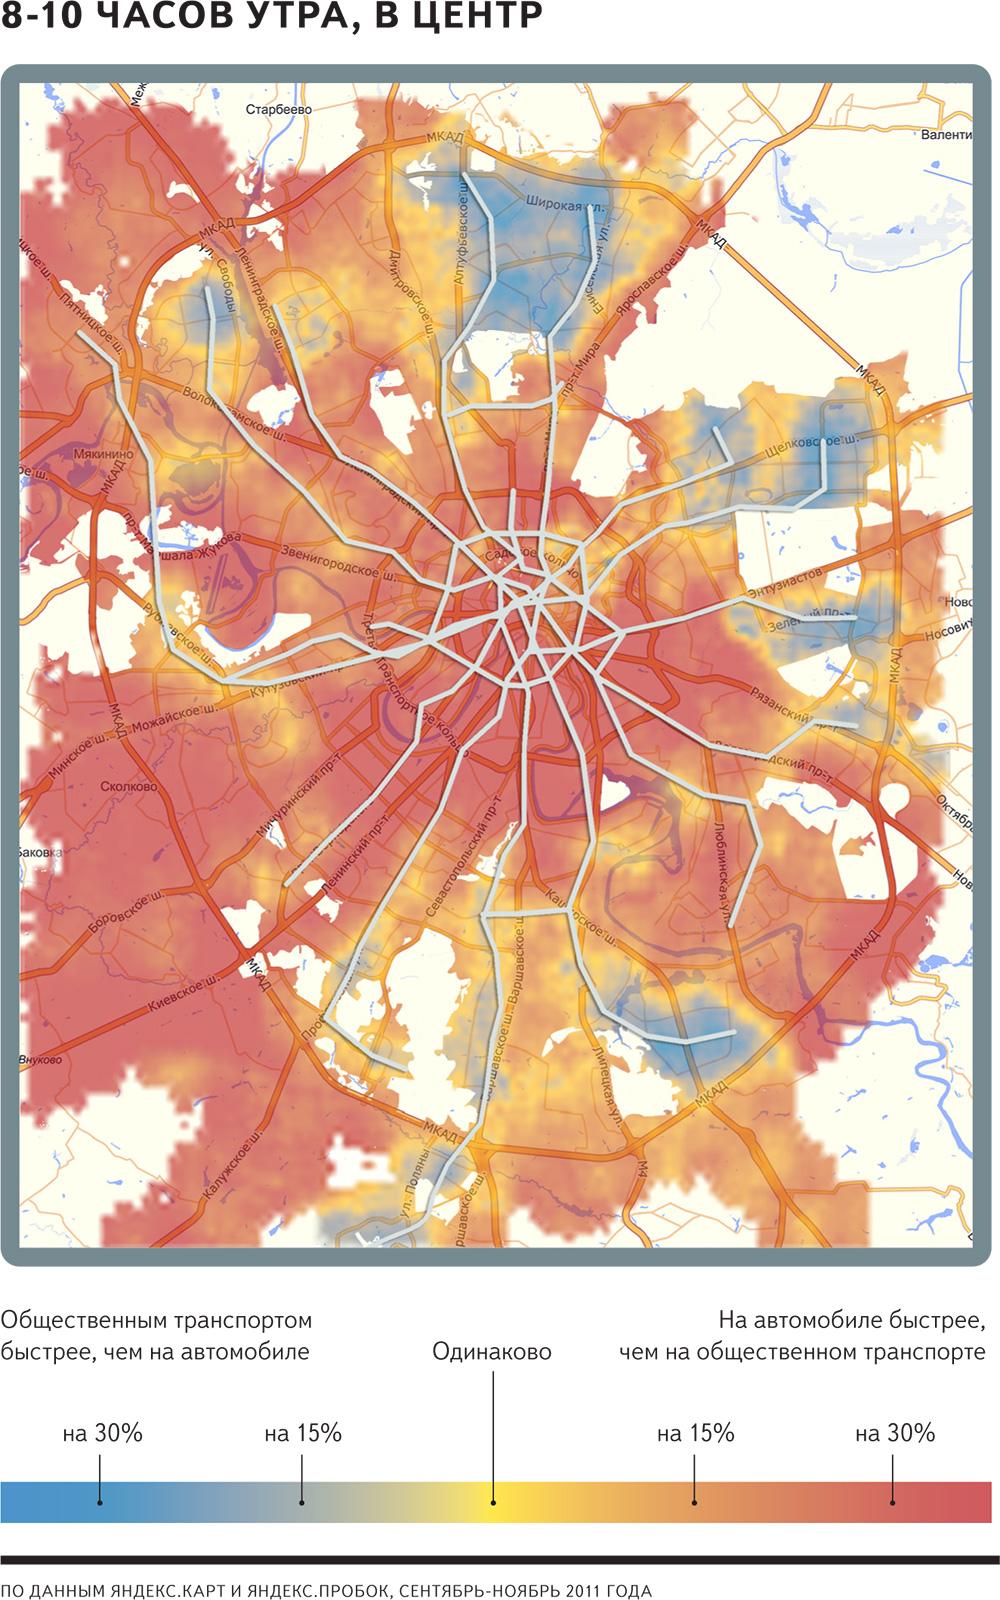 Скорость движения общественного транспорта в центр по района - 8-10 утра